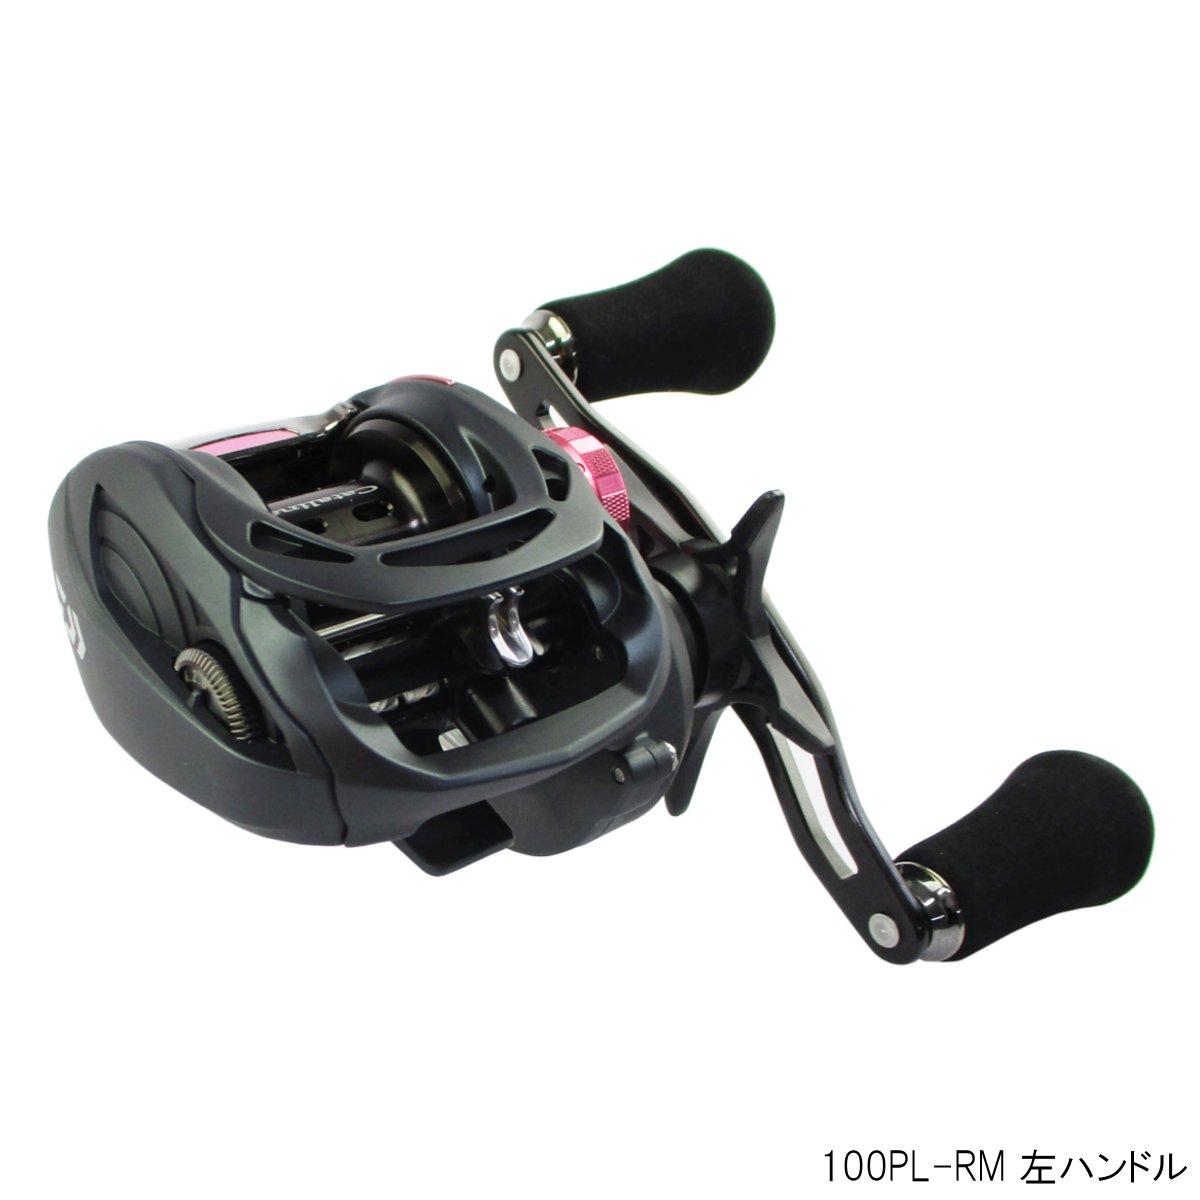 ダイワ キャタリナ TW 100PL-RM 左ハンドル(東日本店)